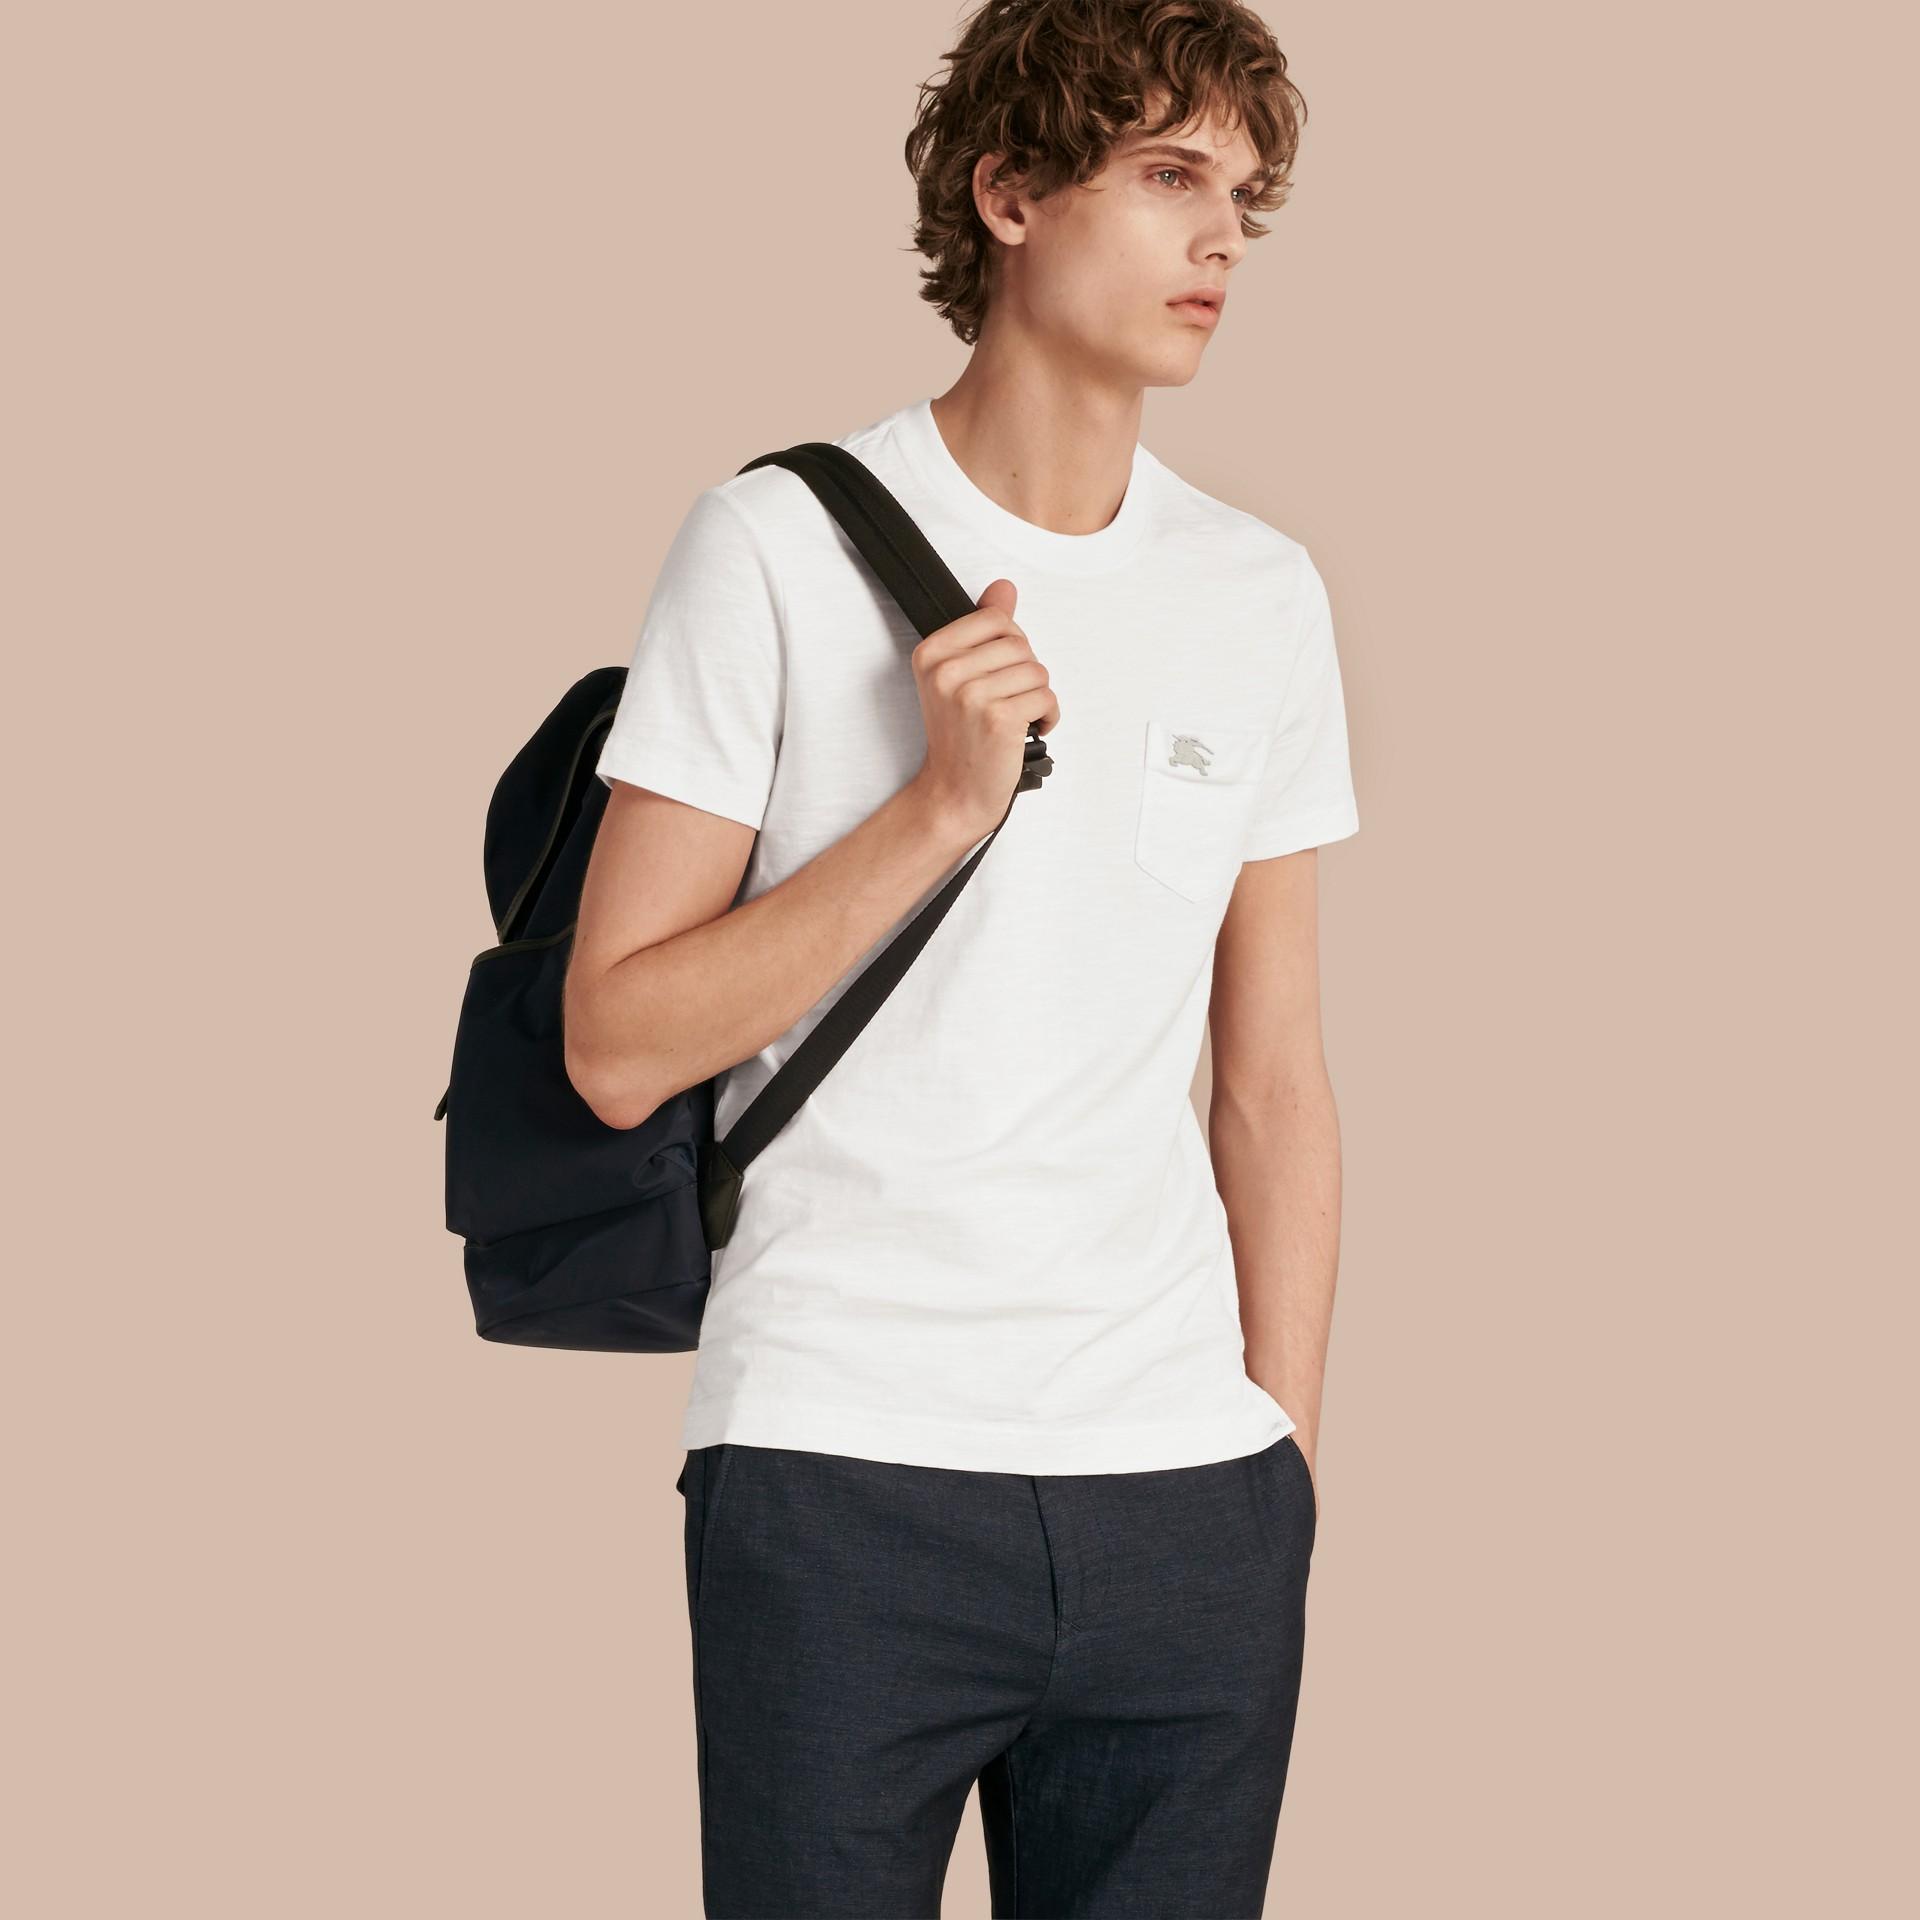 ホワイト スラブジャージー ダブルダイド Tシャツ ホワイト - ギャラリーイメージ 1